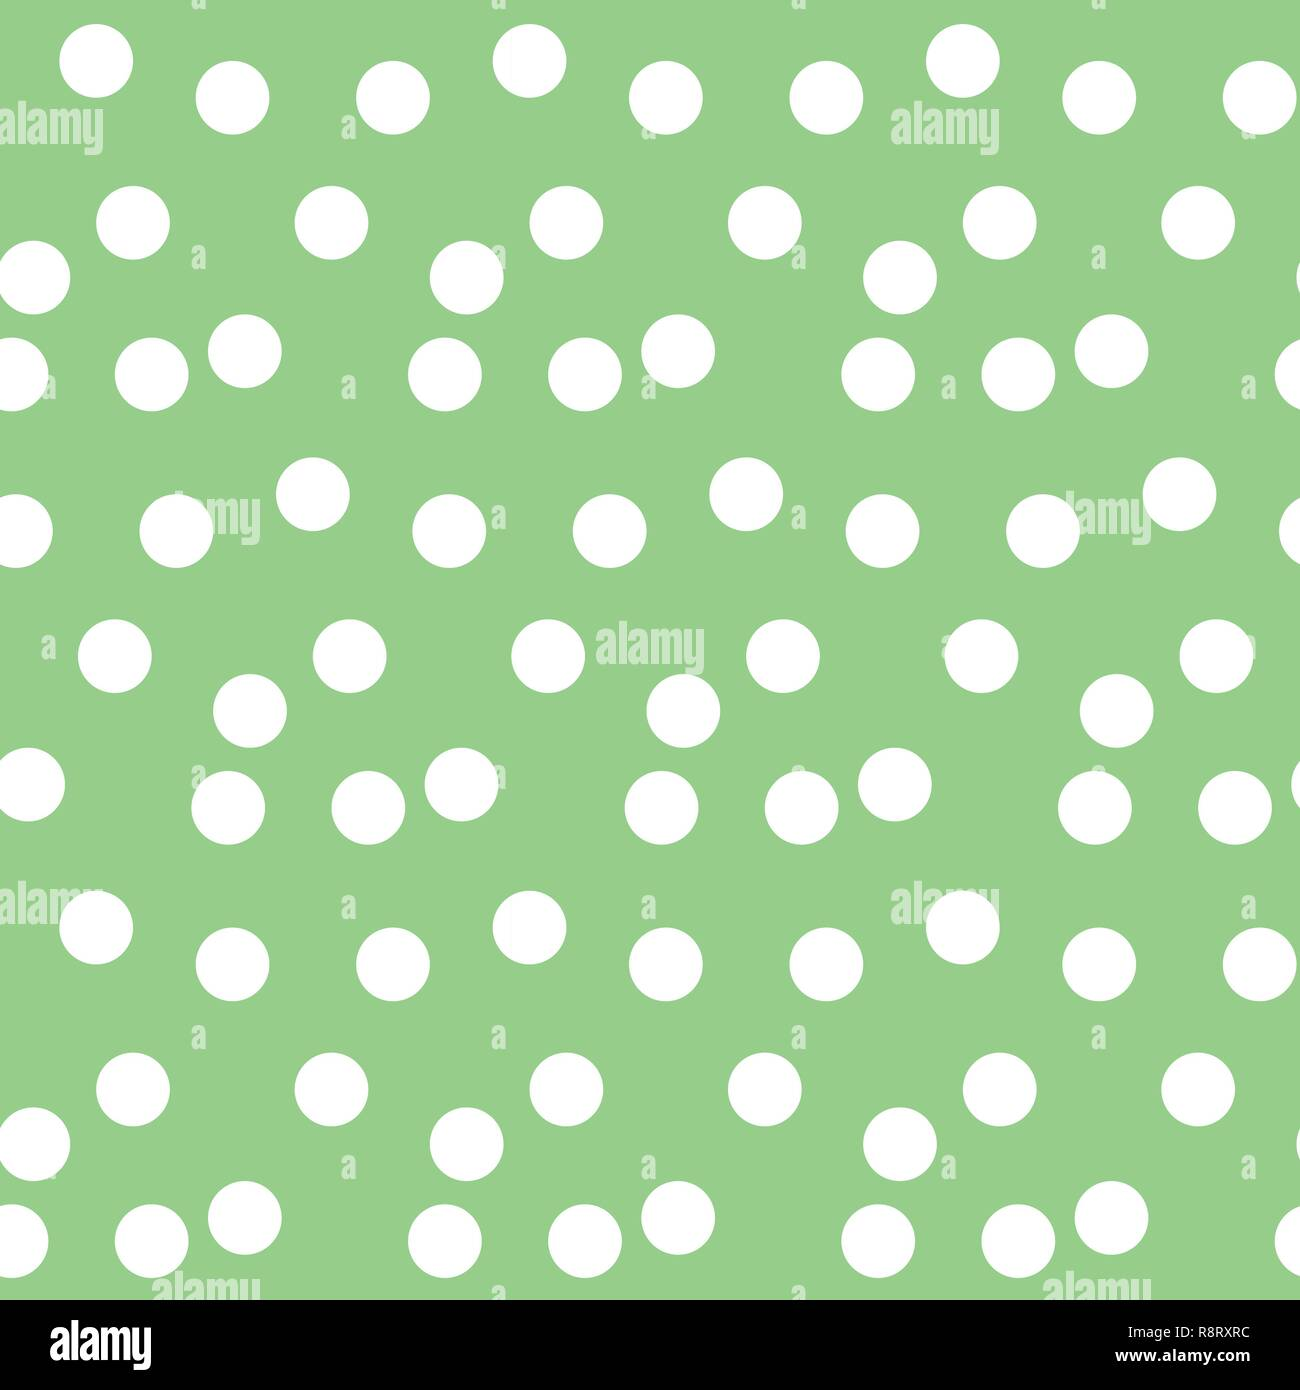 https www alamyimages fr fond vert pastel polka dots motif transparent disperses vector illustration image229177968 html